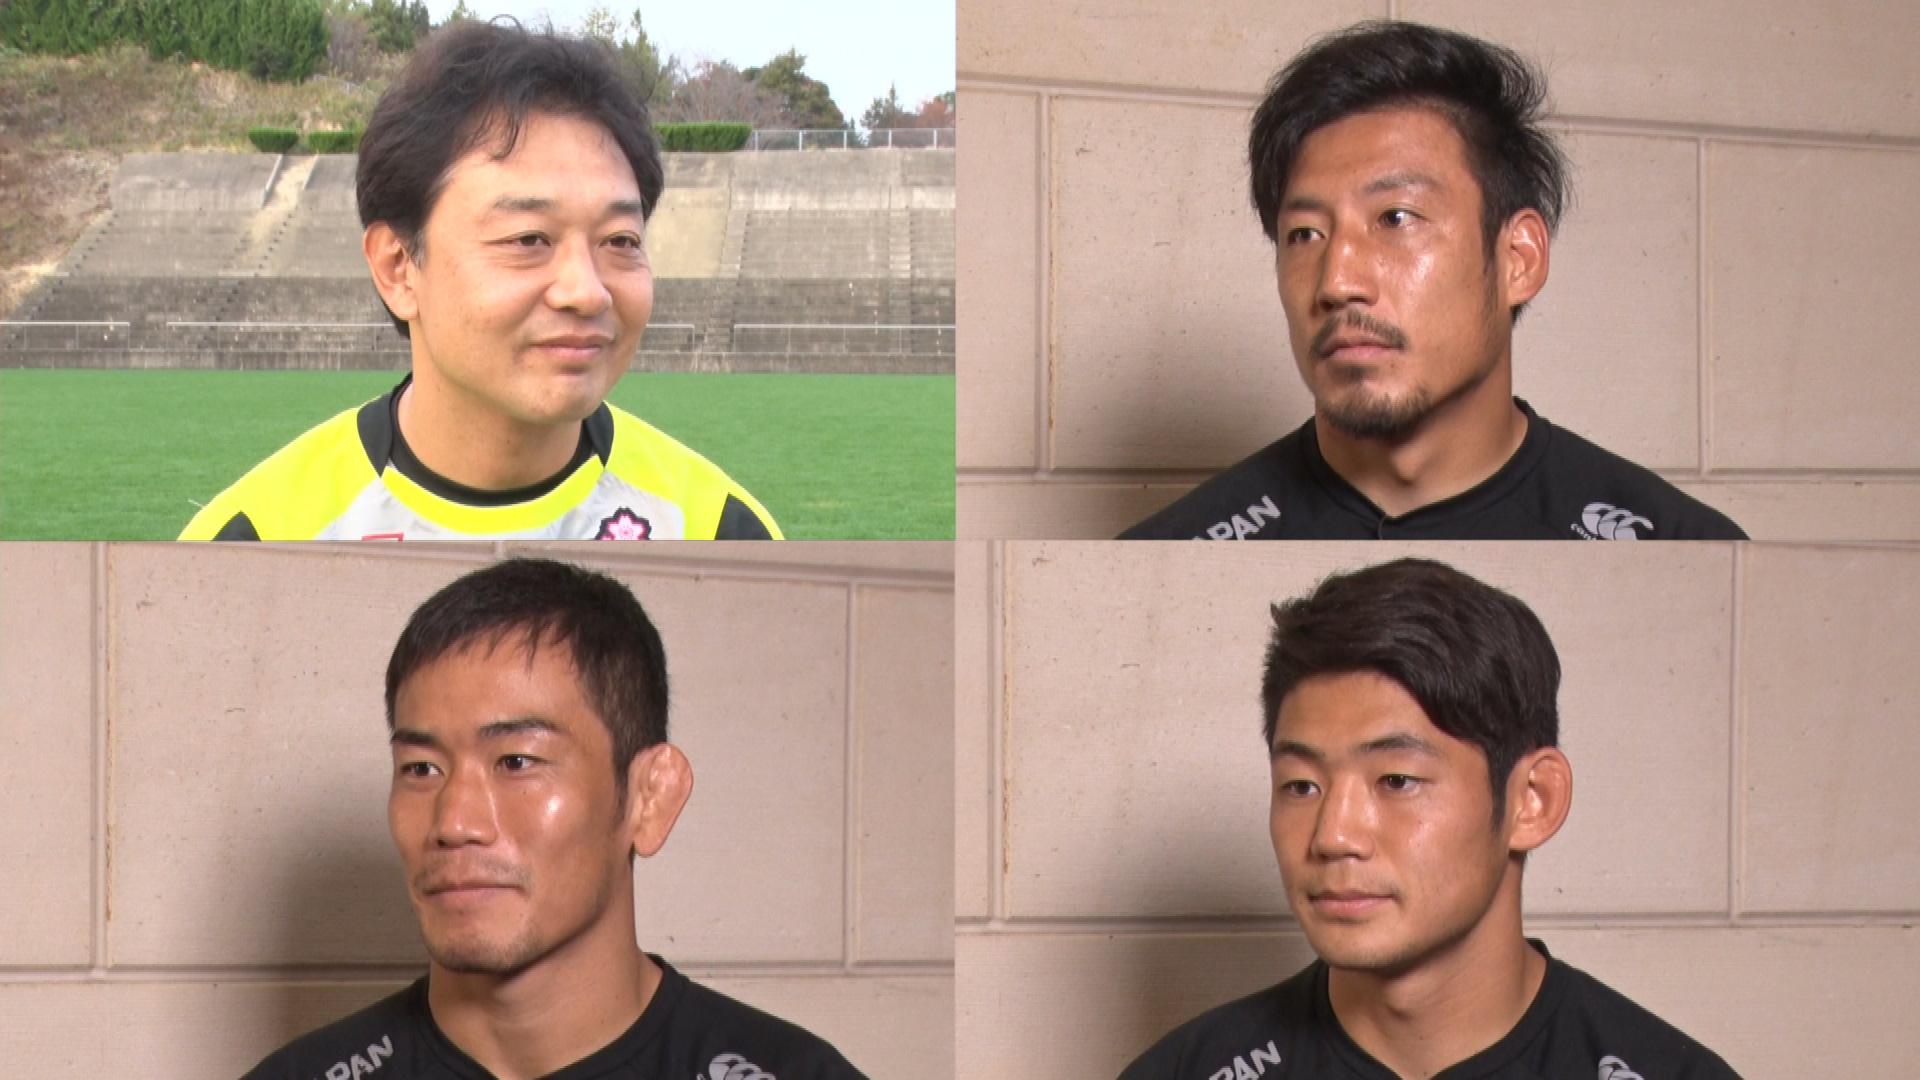 ワールドラグビー・セブンズシリーズに挑む7人制ラグビー日本代表が語る 7人制の魅力と東京五輪への展望 画像